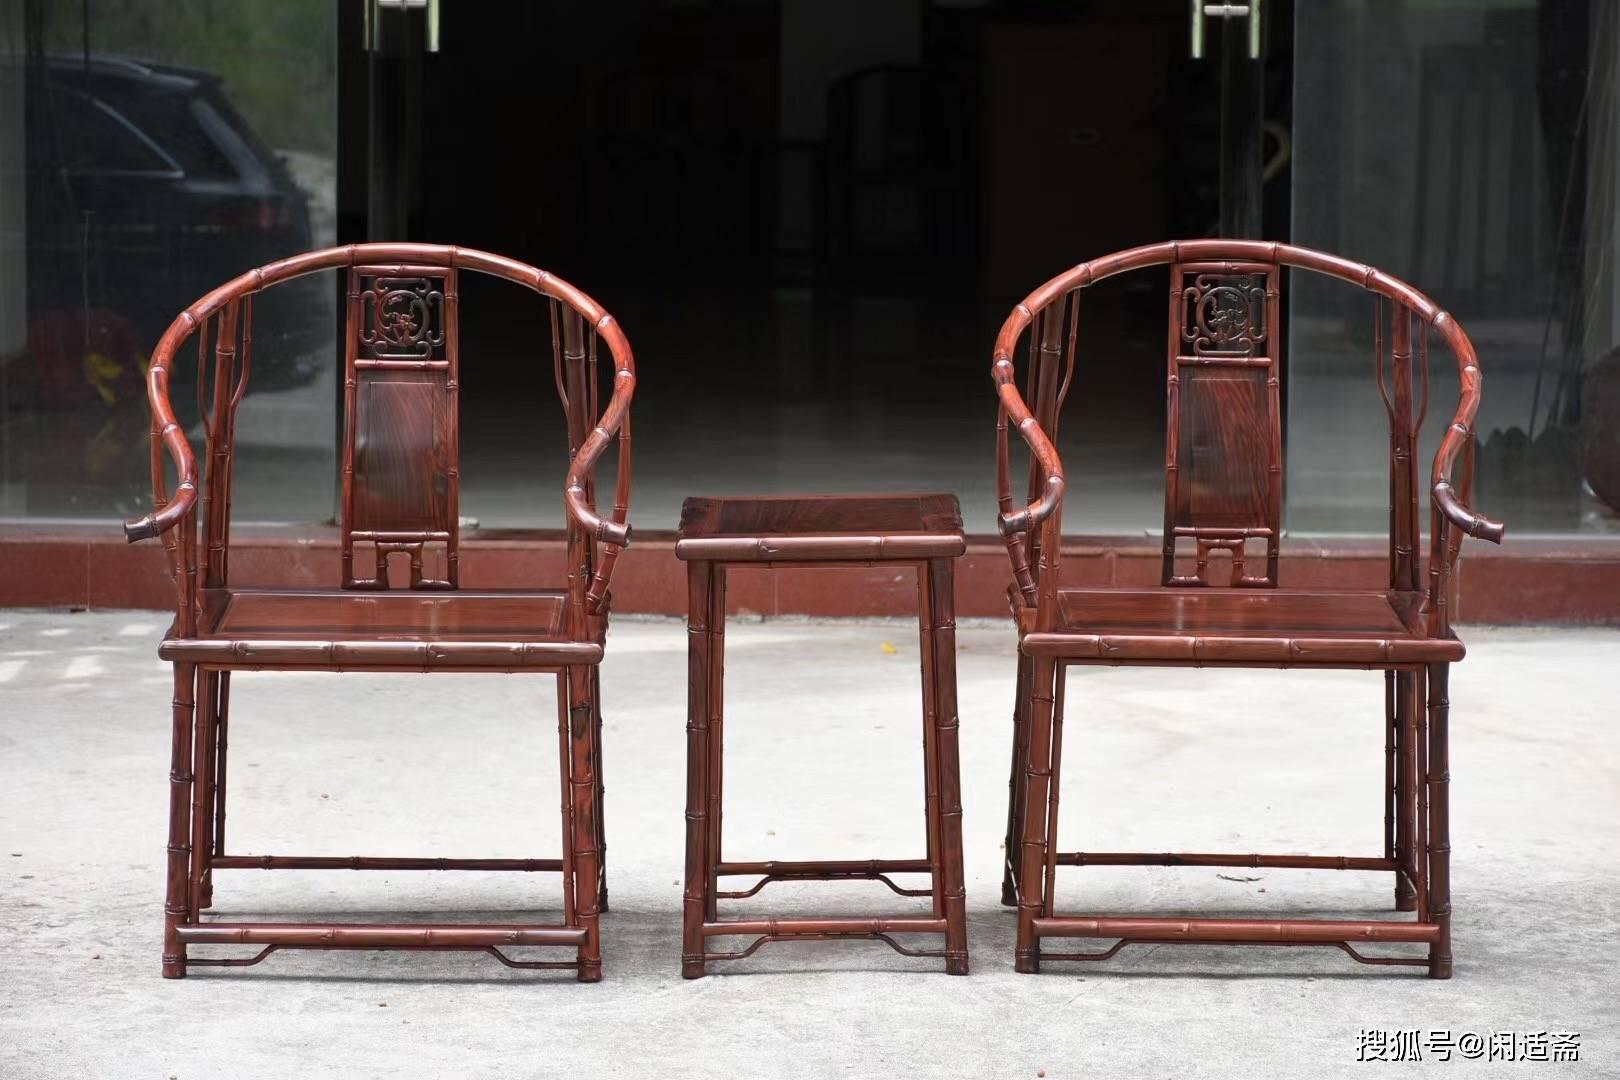 罗汉床和圈椅的摆放图